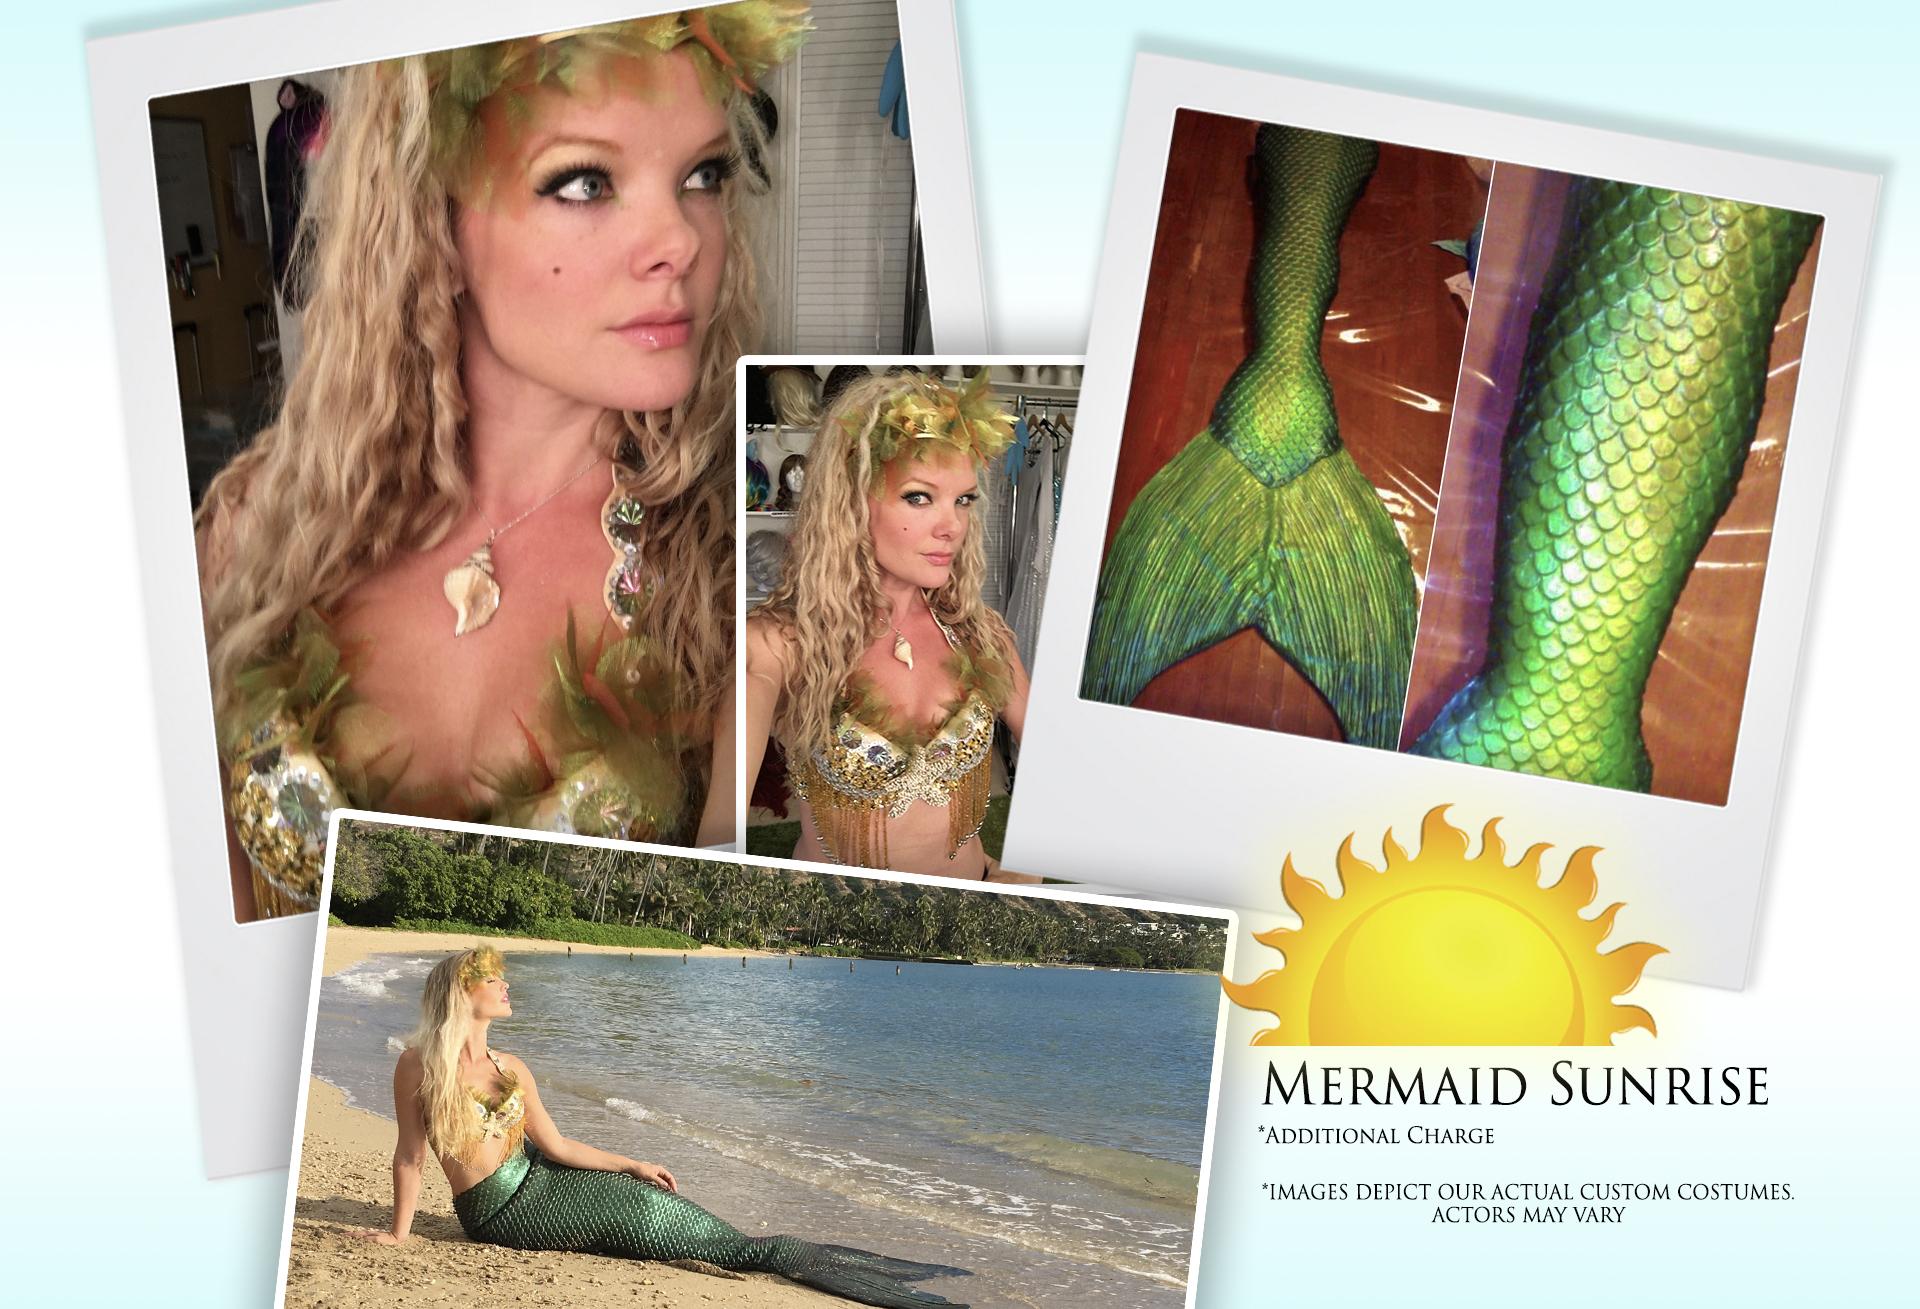 Mermaid Sunrise